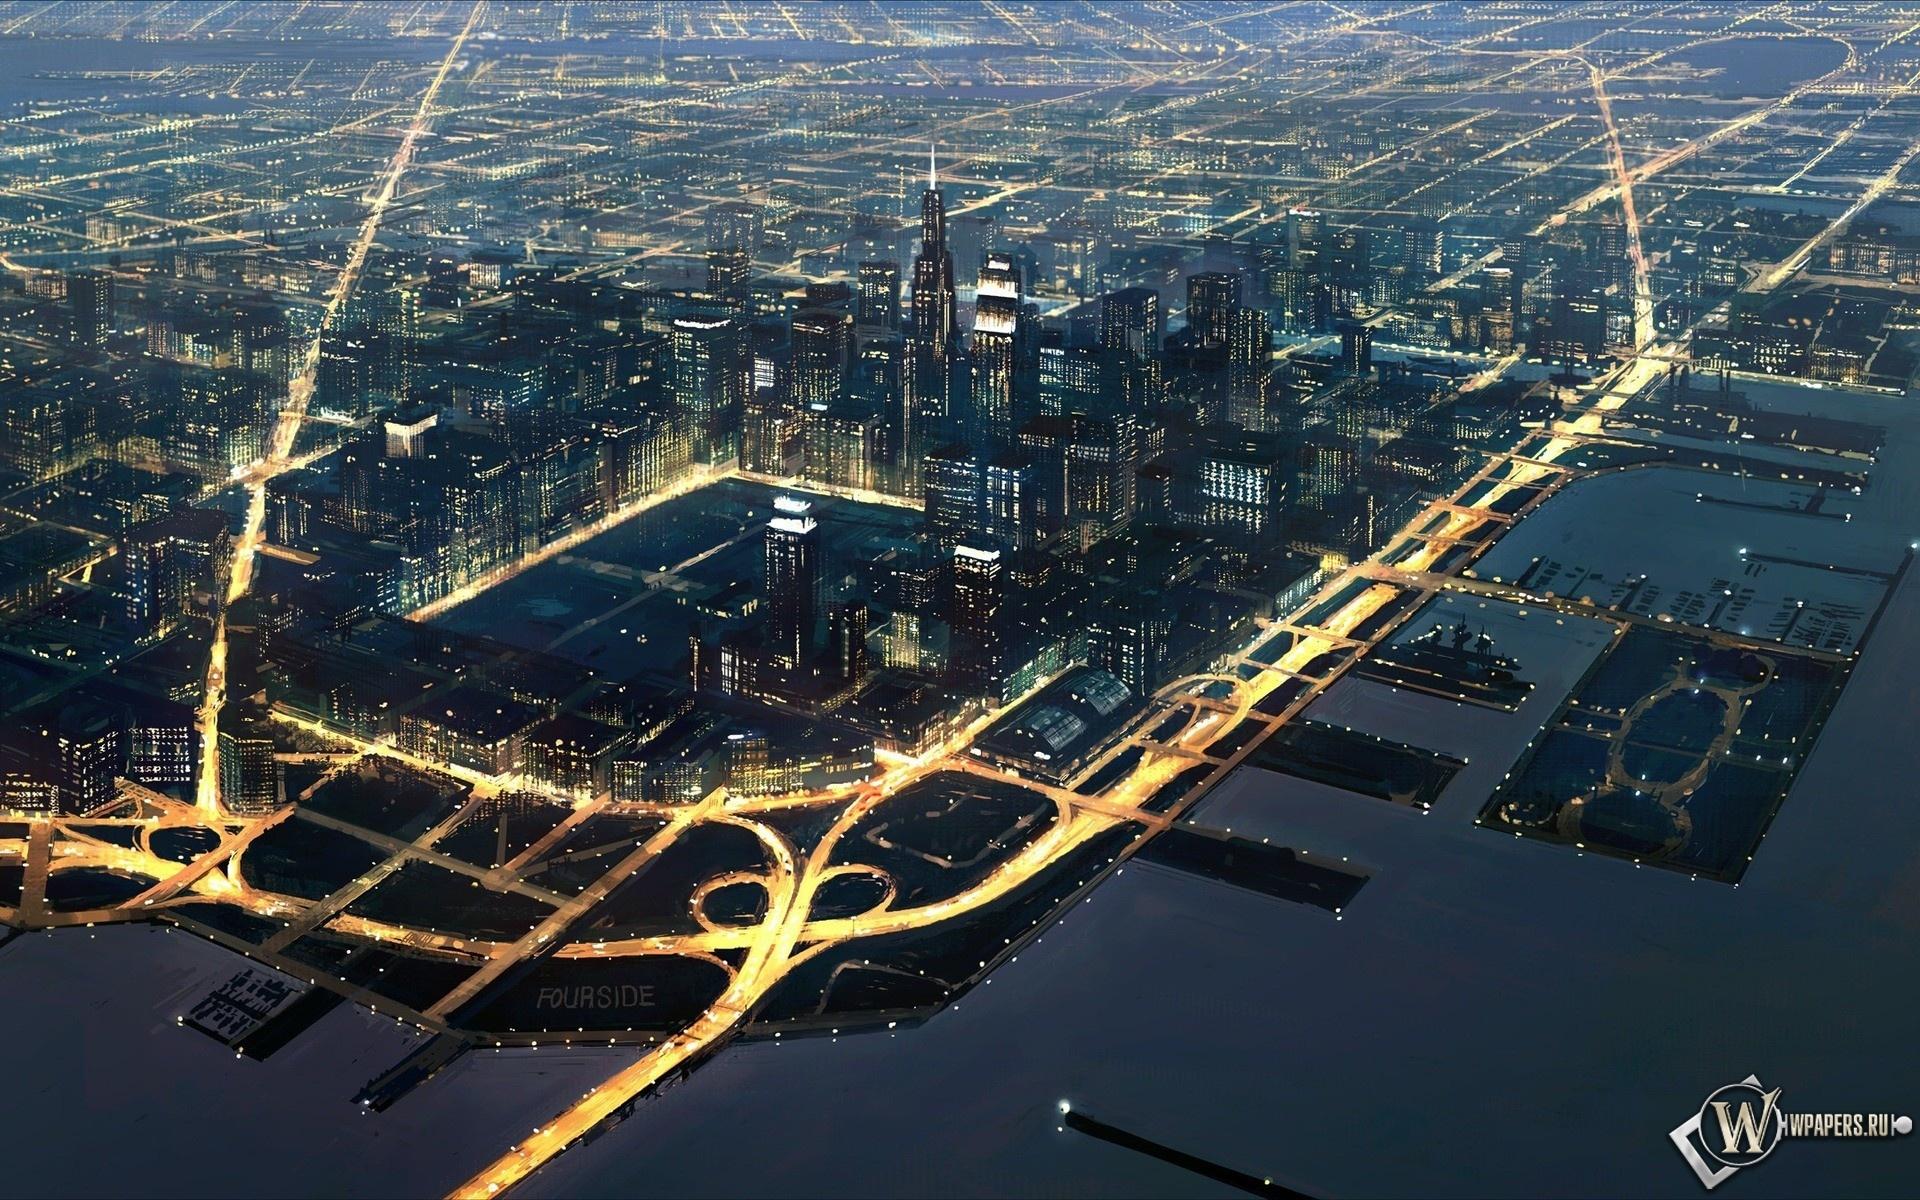 вид города с верху 1920x1200